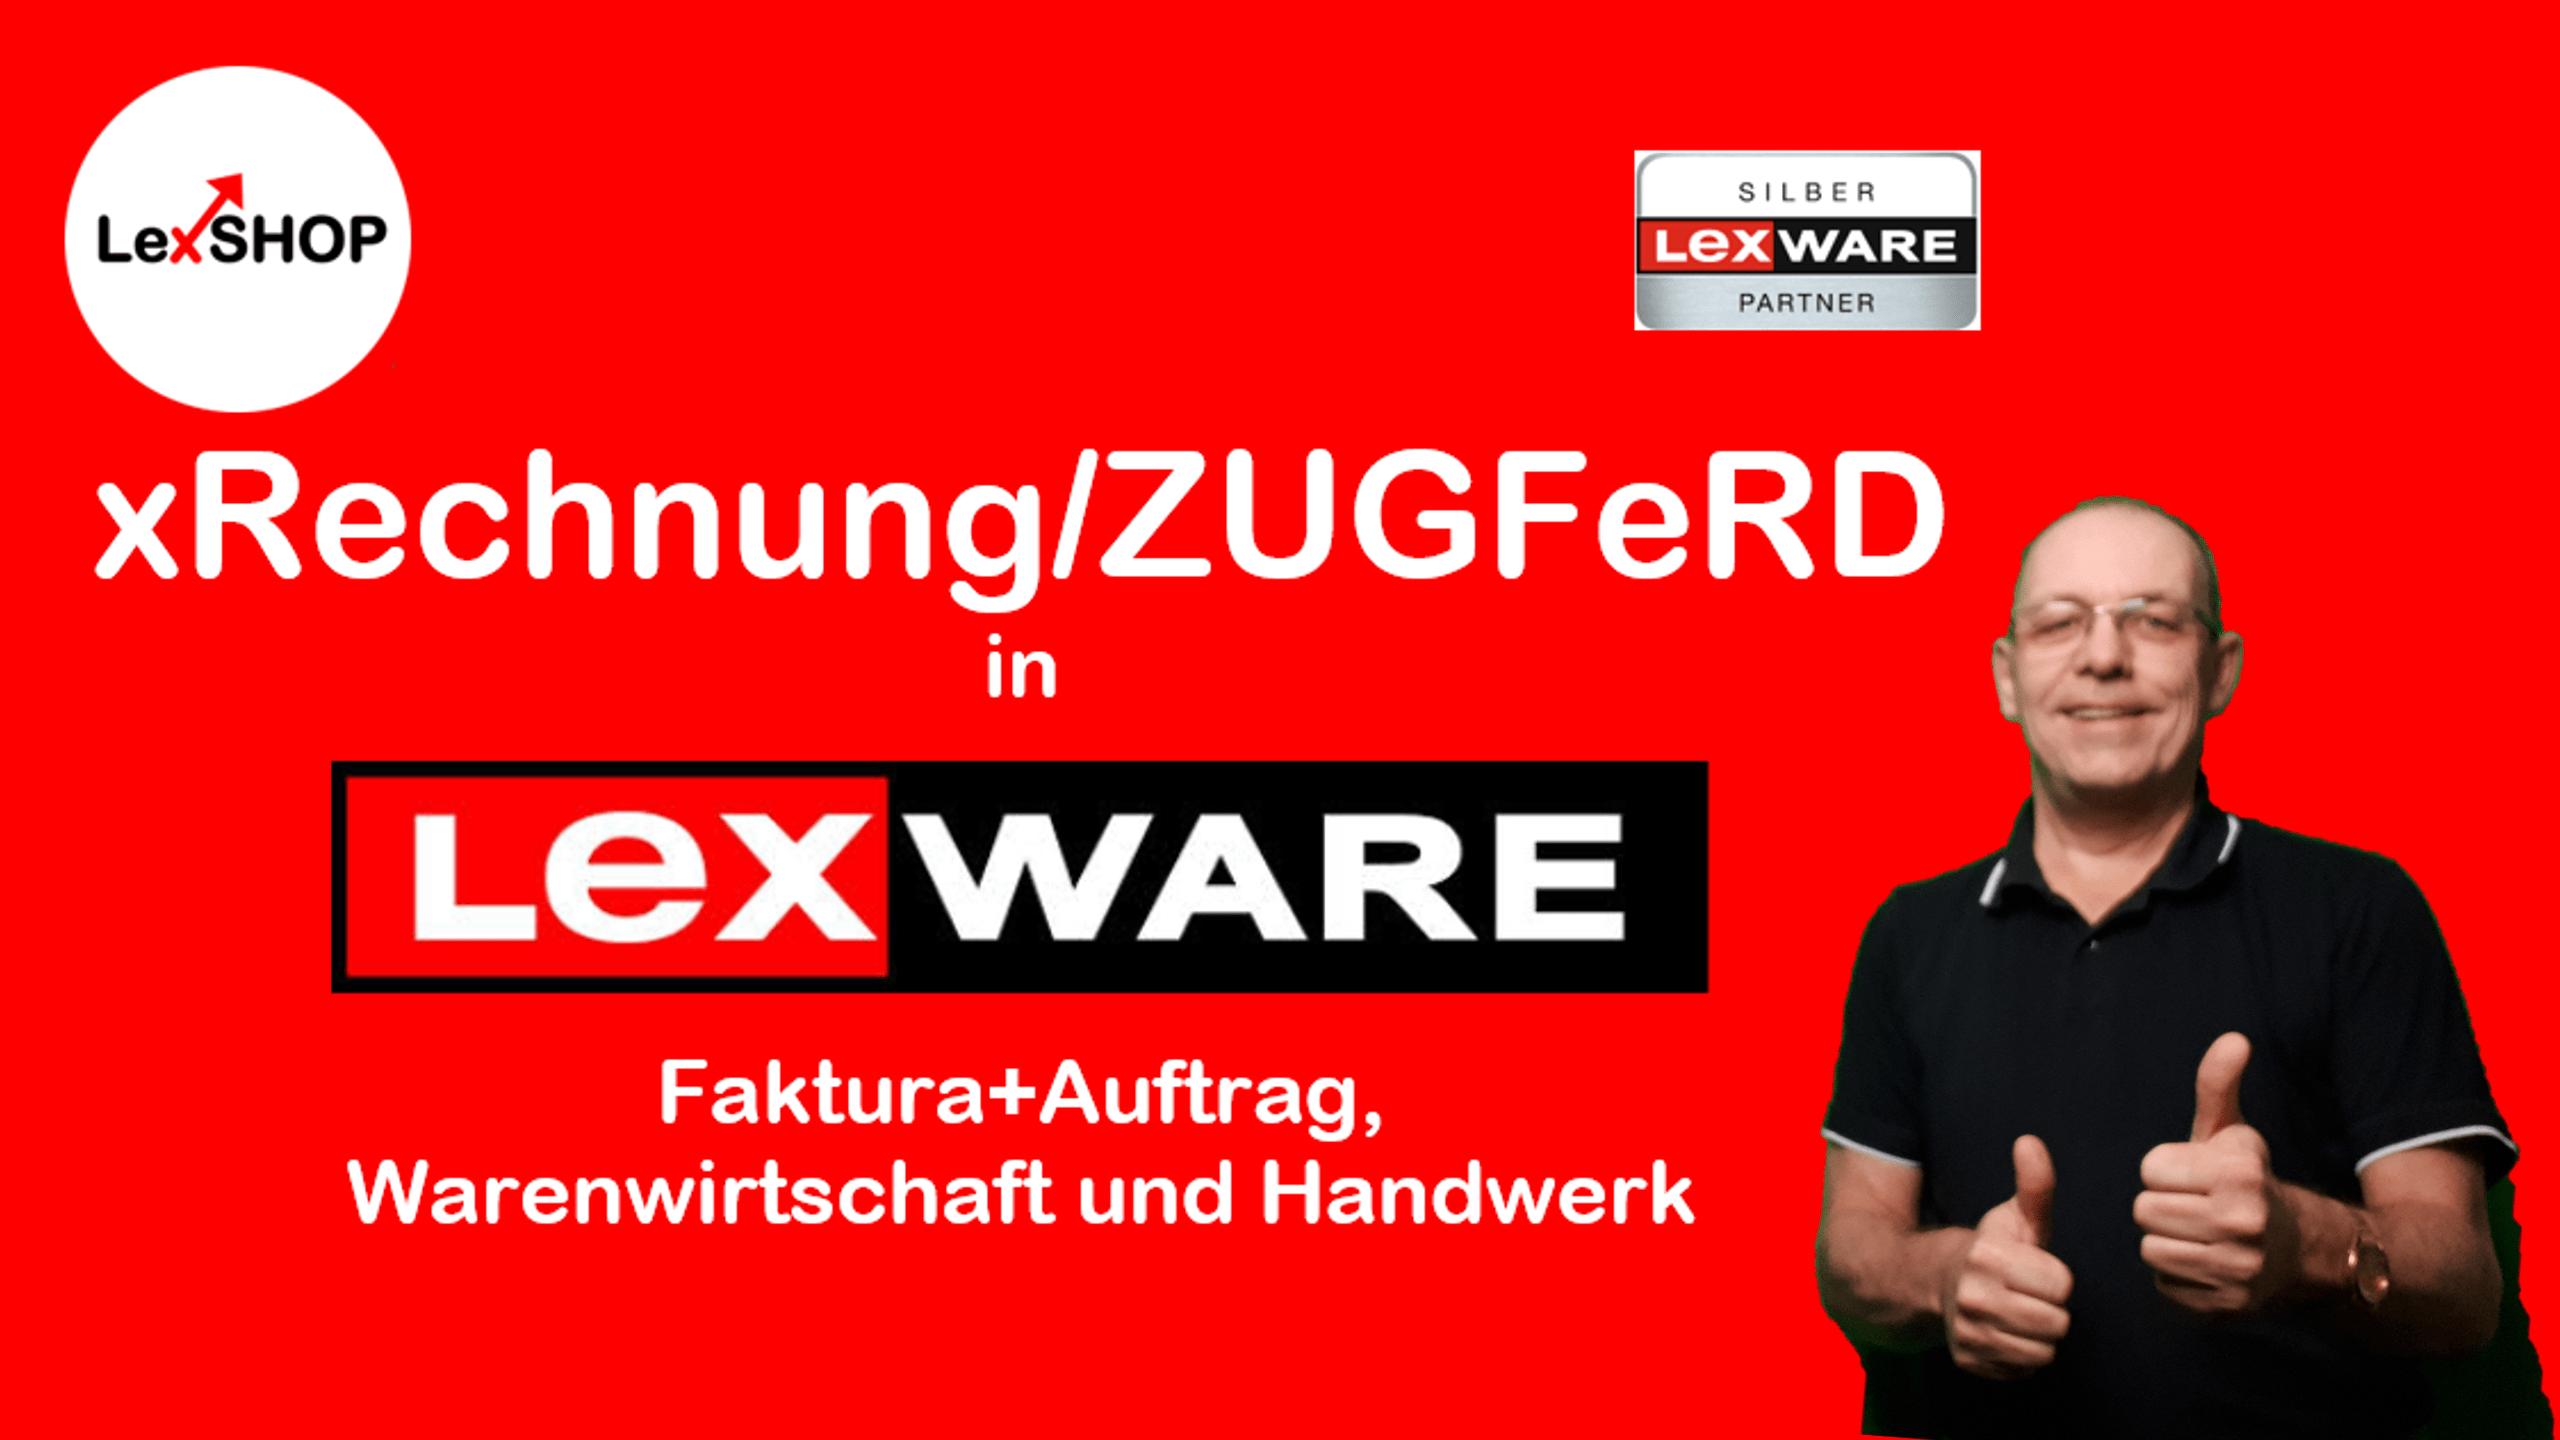 Lexware xRechnung und ZUGFeRD in faktura+auftrag, warenwirtschaft und Handwerk einrichten